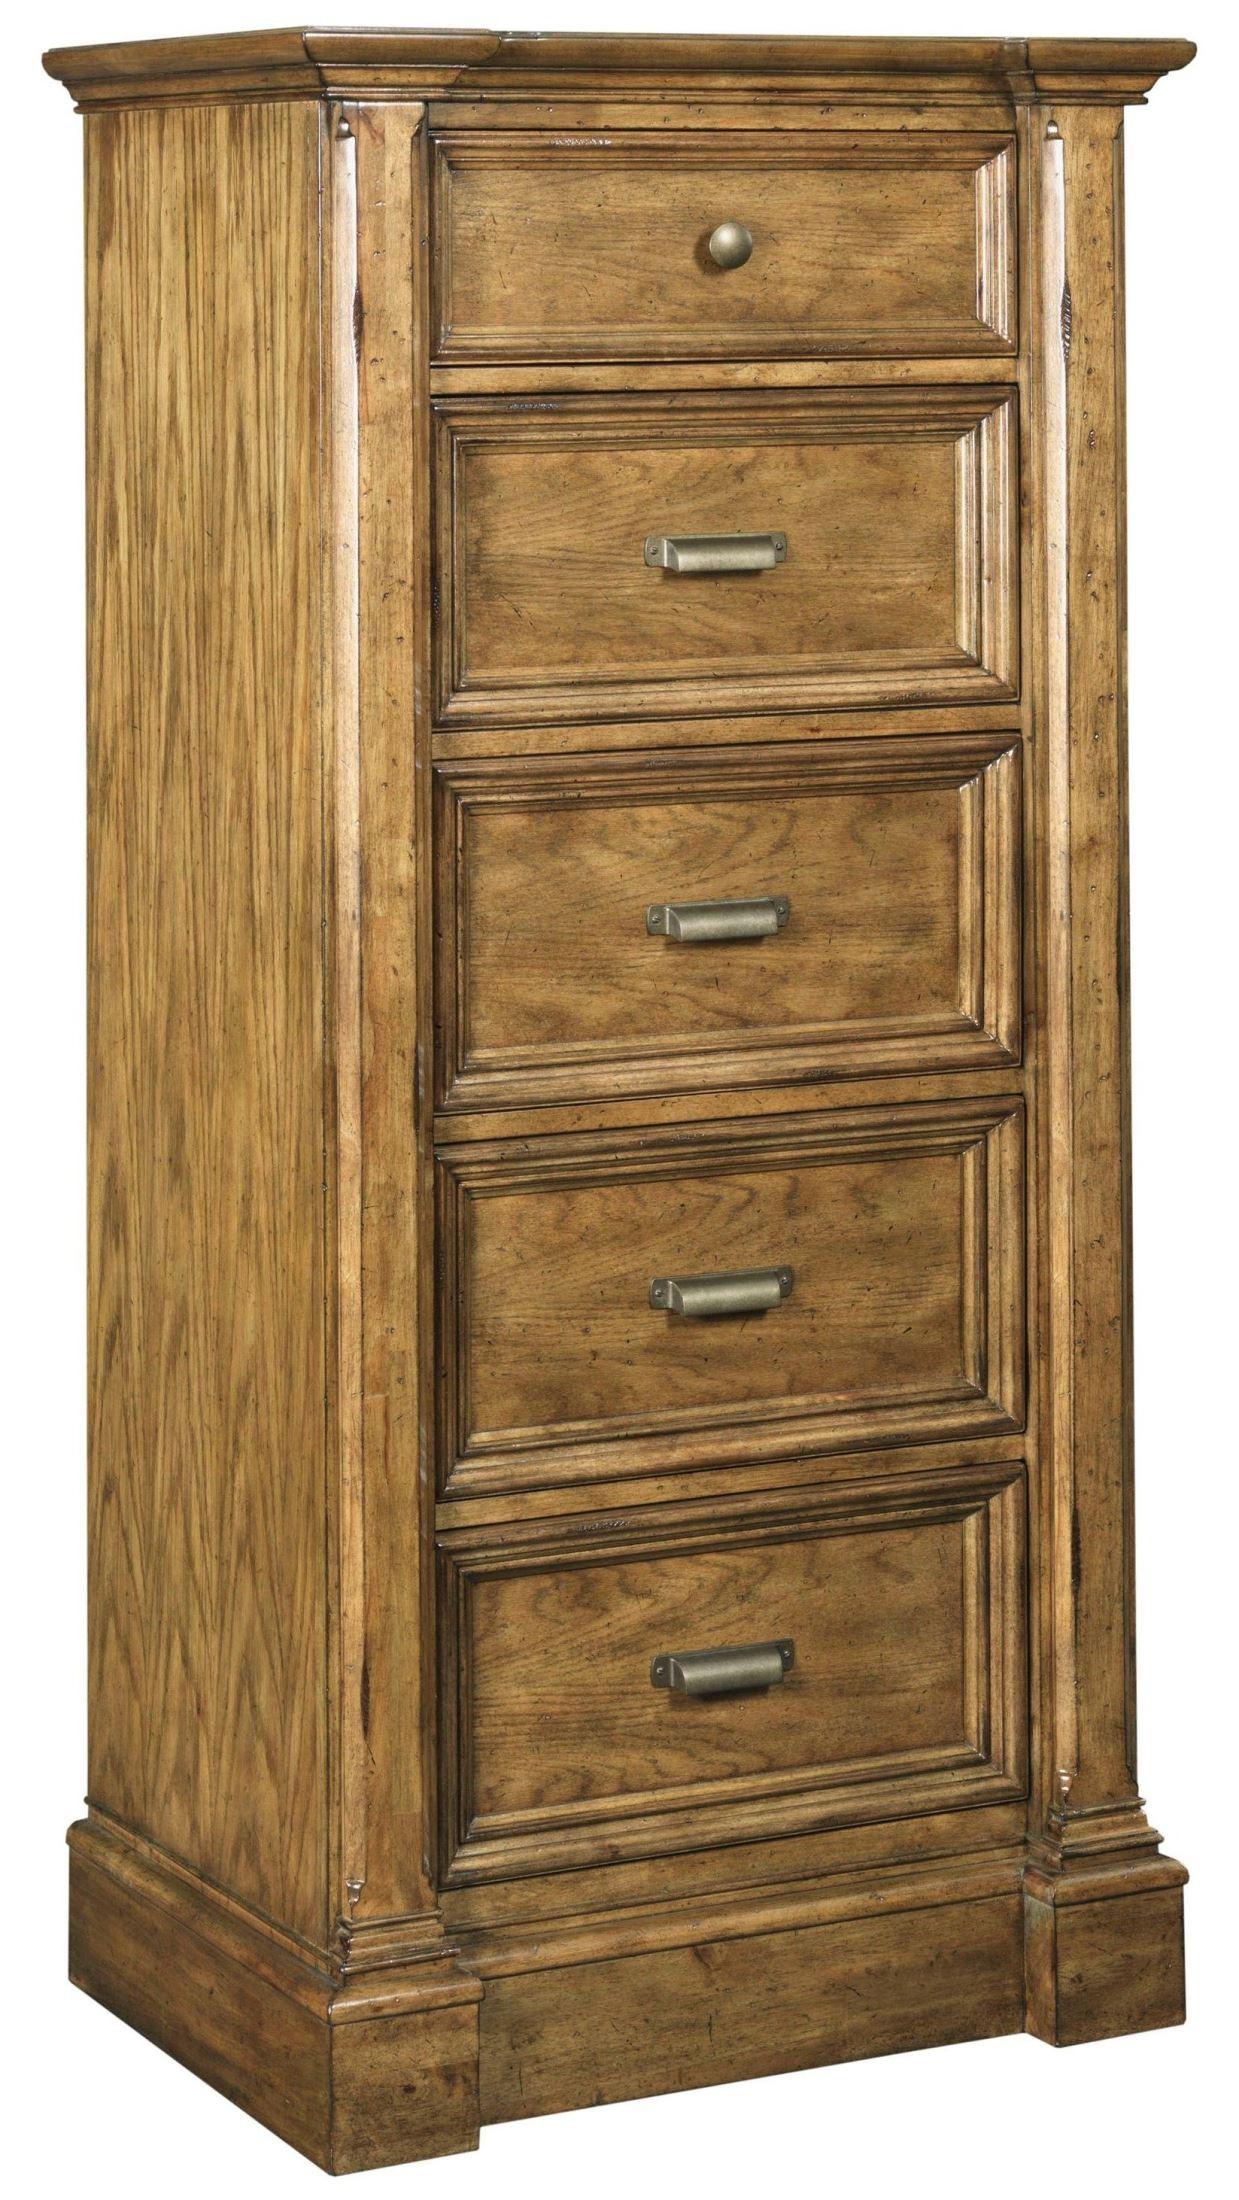 new vintage brown metal wood bedstead bedroom set from